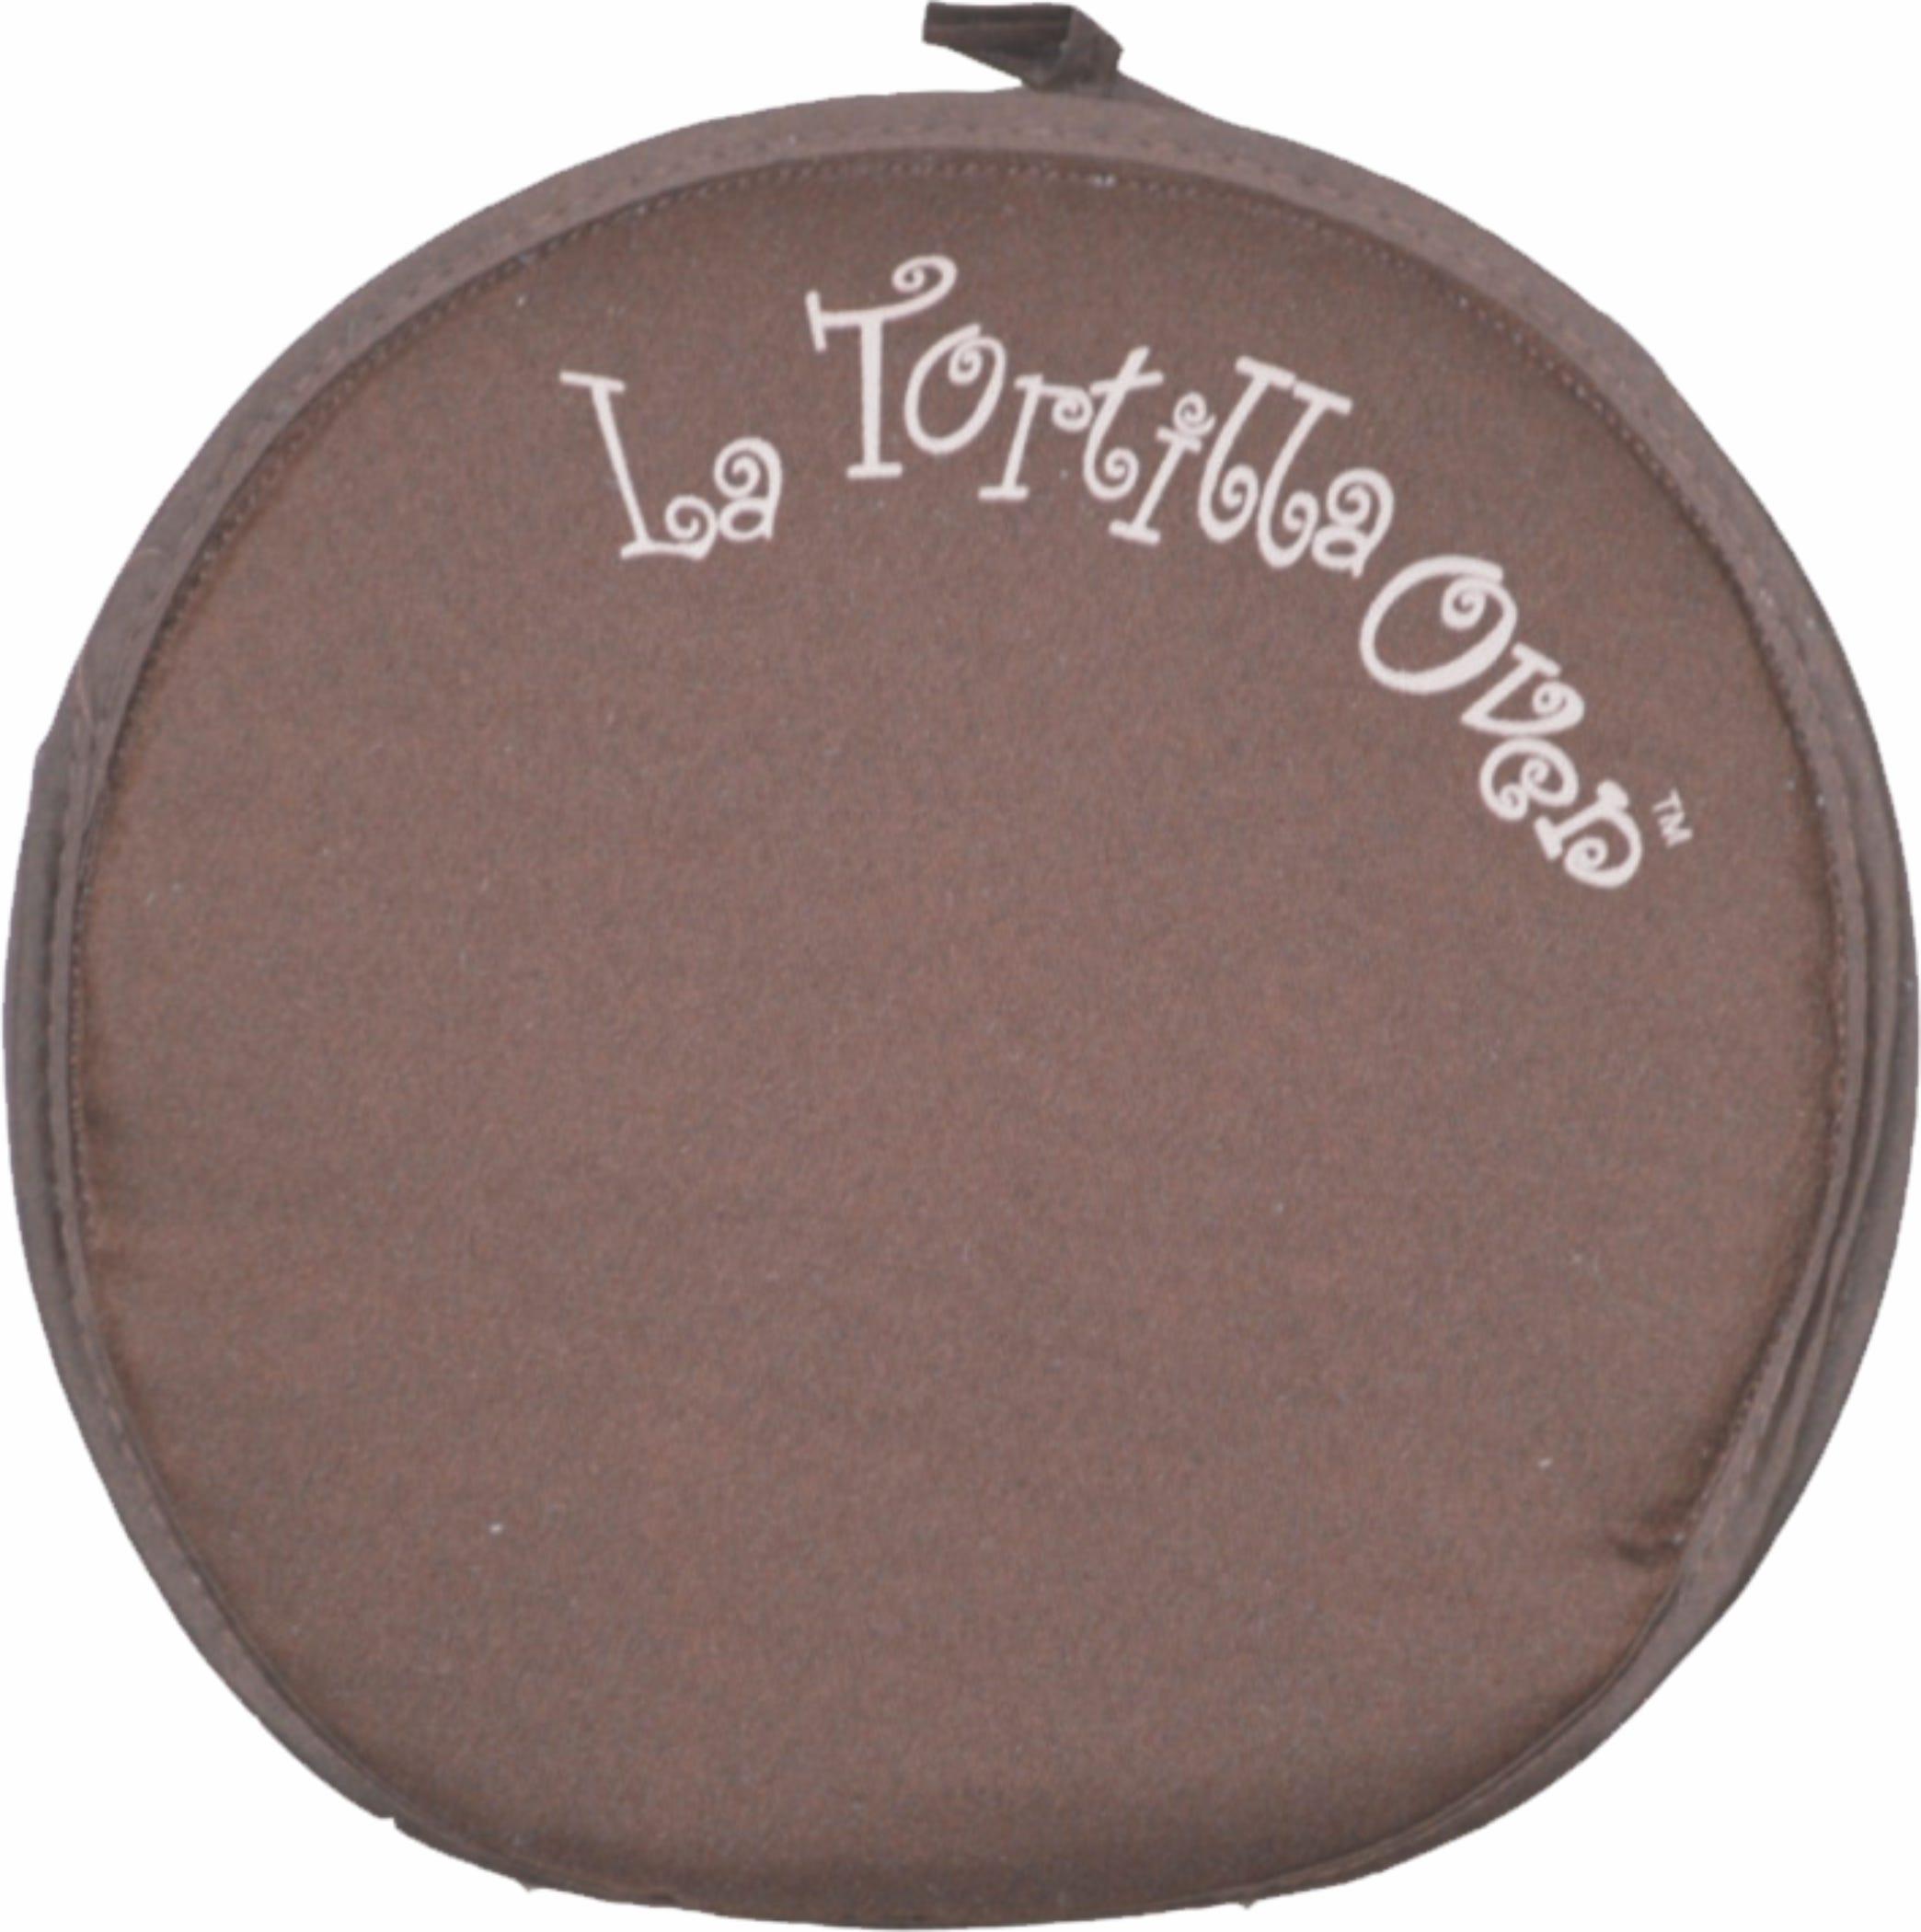 Tortillero de tela La Tortilla Oven en café